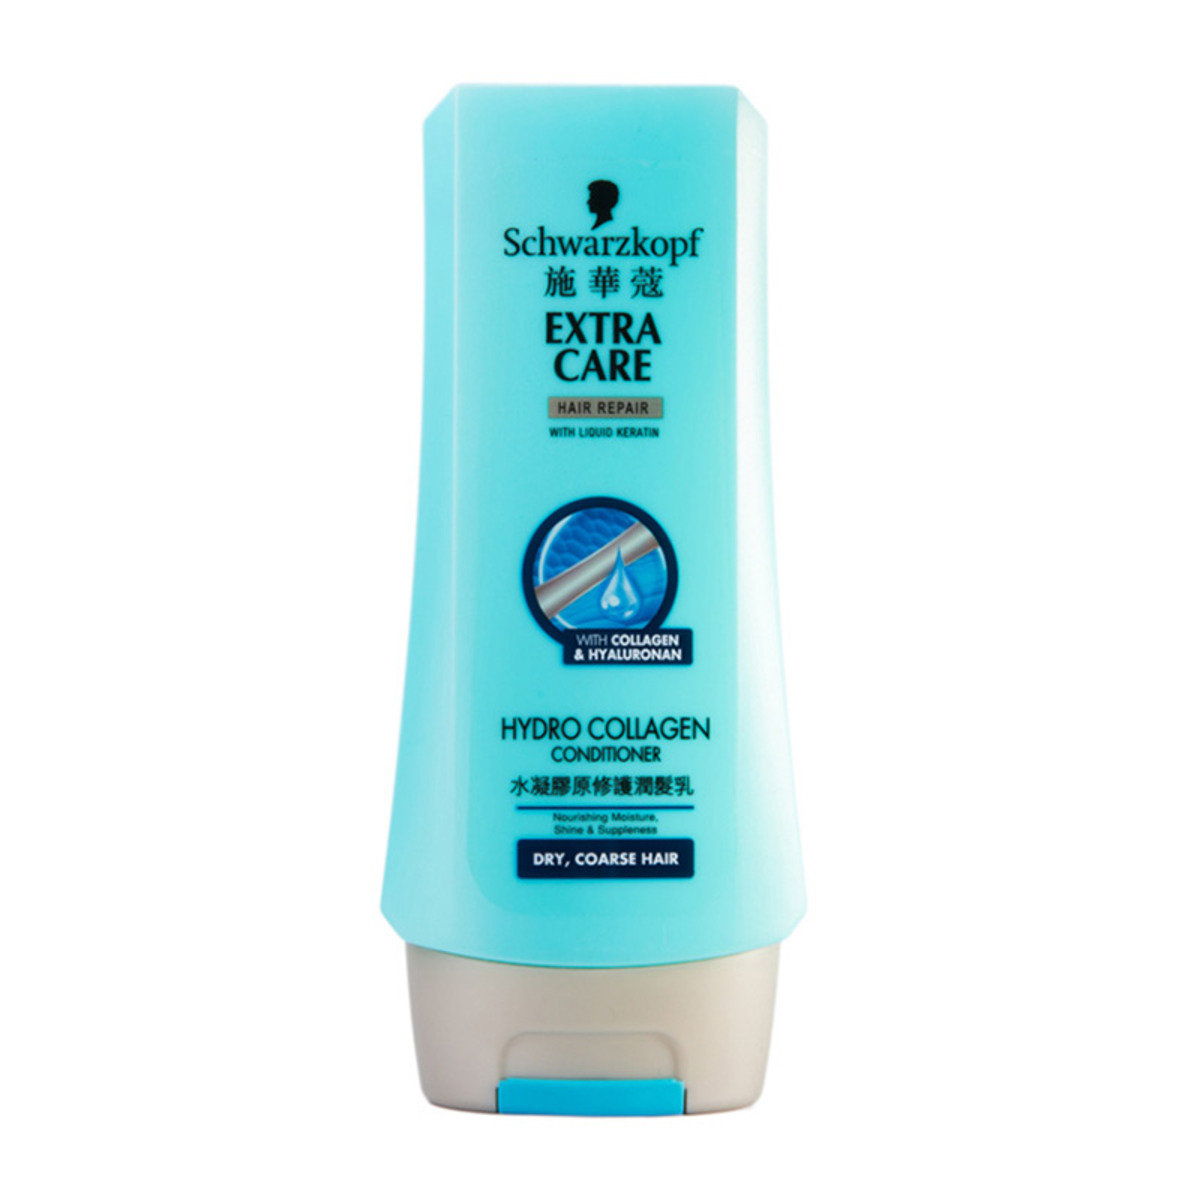 水凝膠原修護潤髮乳 200毫升